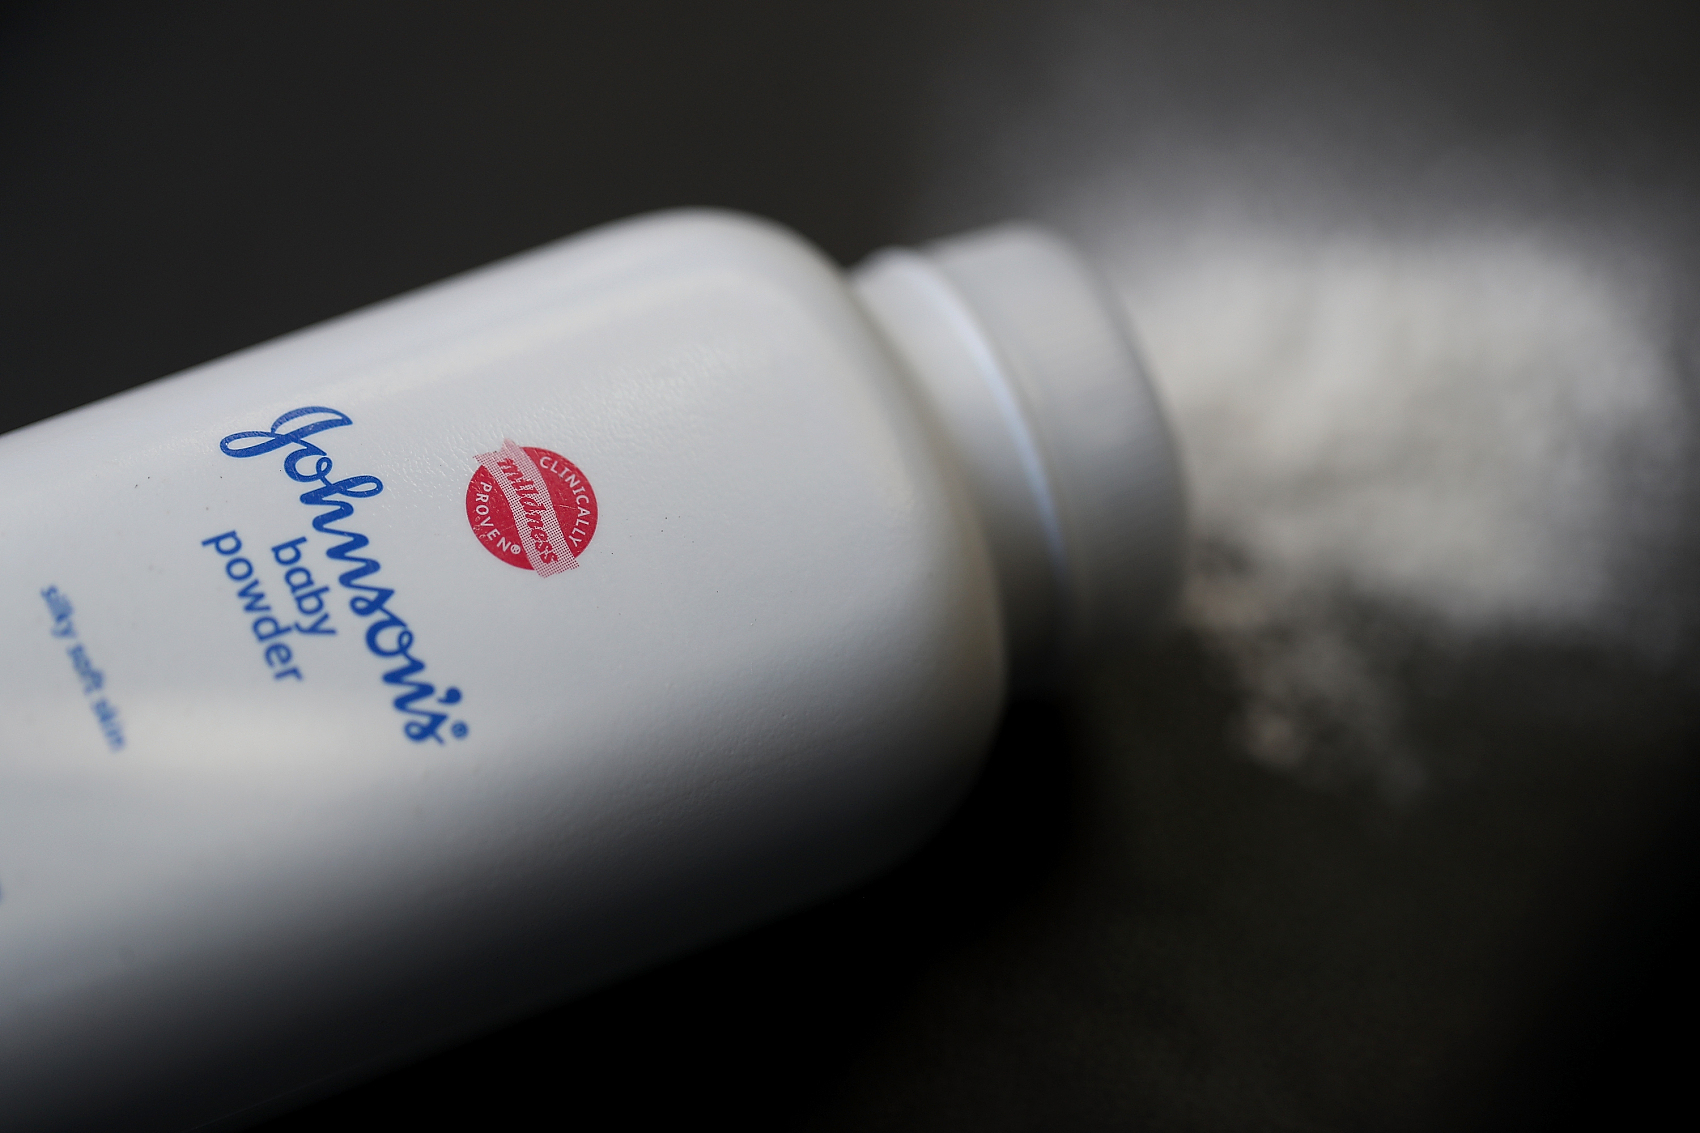 无力应对滑石粉致癌相关的1.5万起诉讼案件,强生集团的主要滑石粉供应商申请破产保护